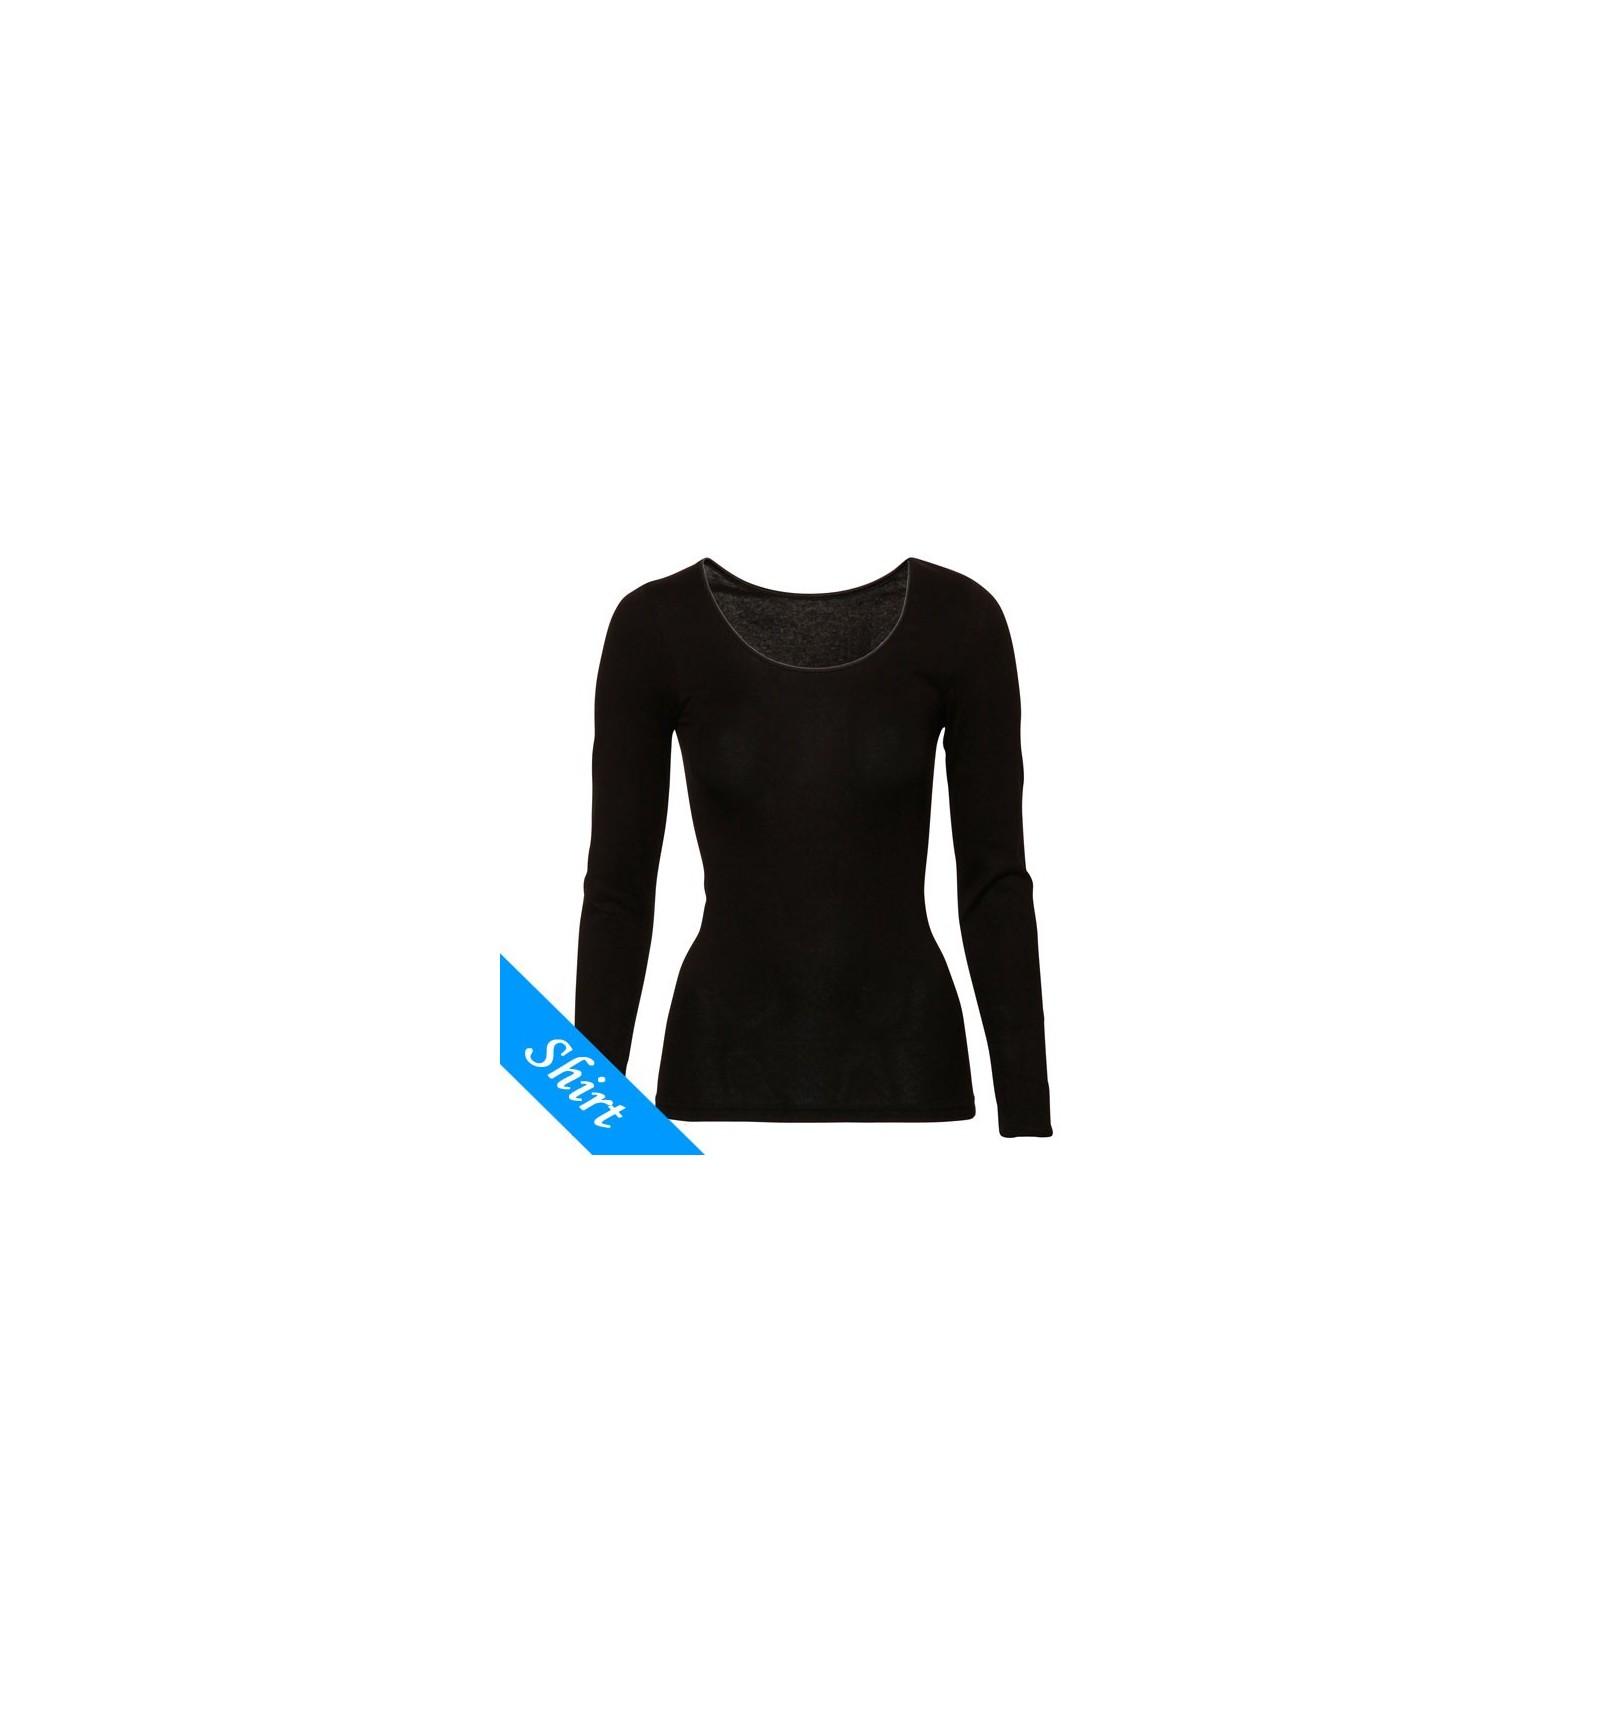 4b473dc89d4 Ten Cate Dames Longsleeve Shirt Zwart